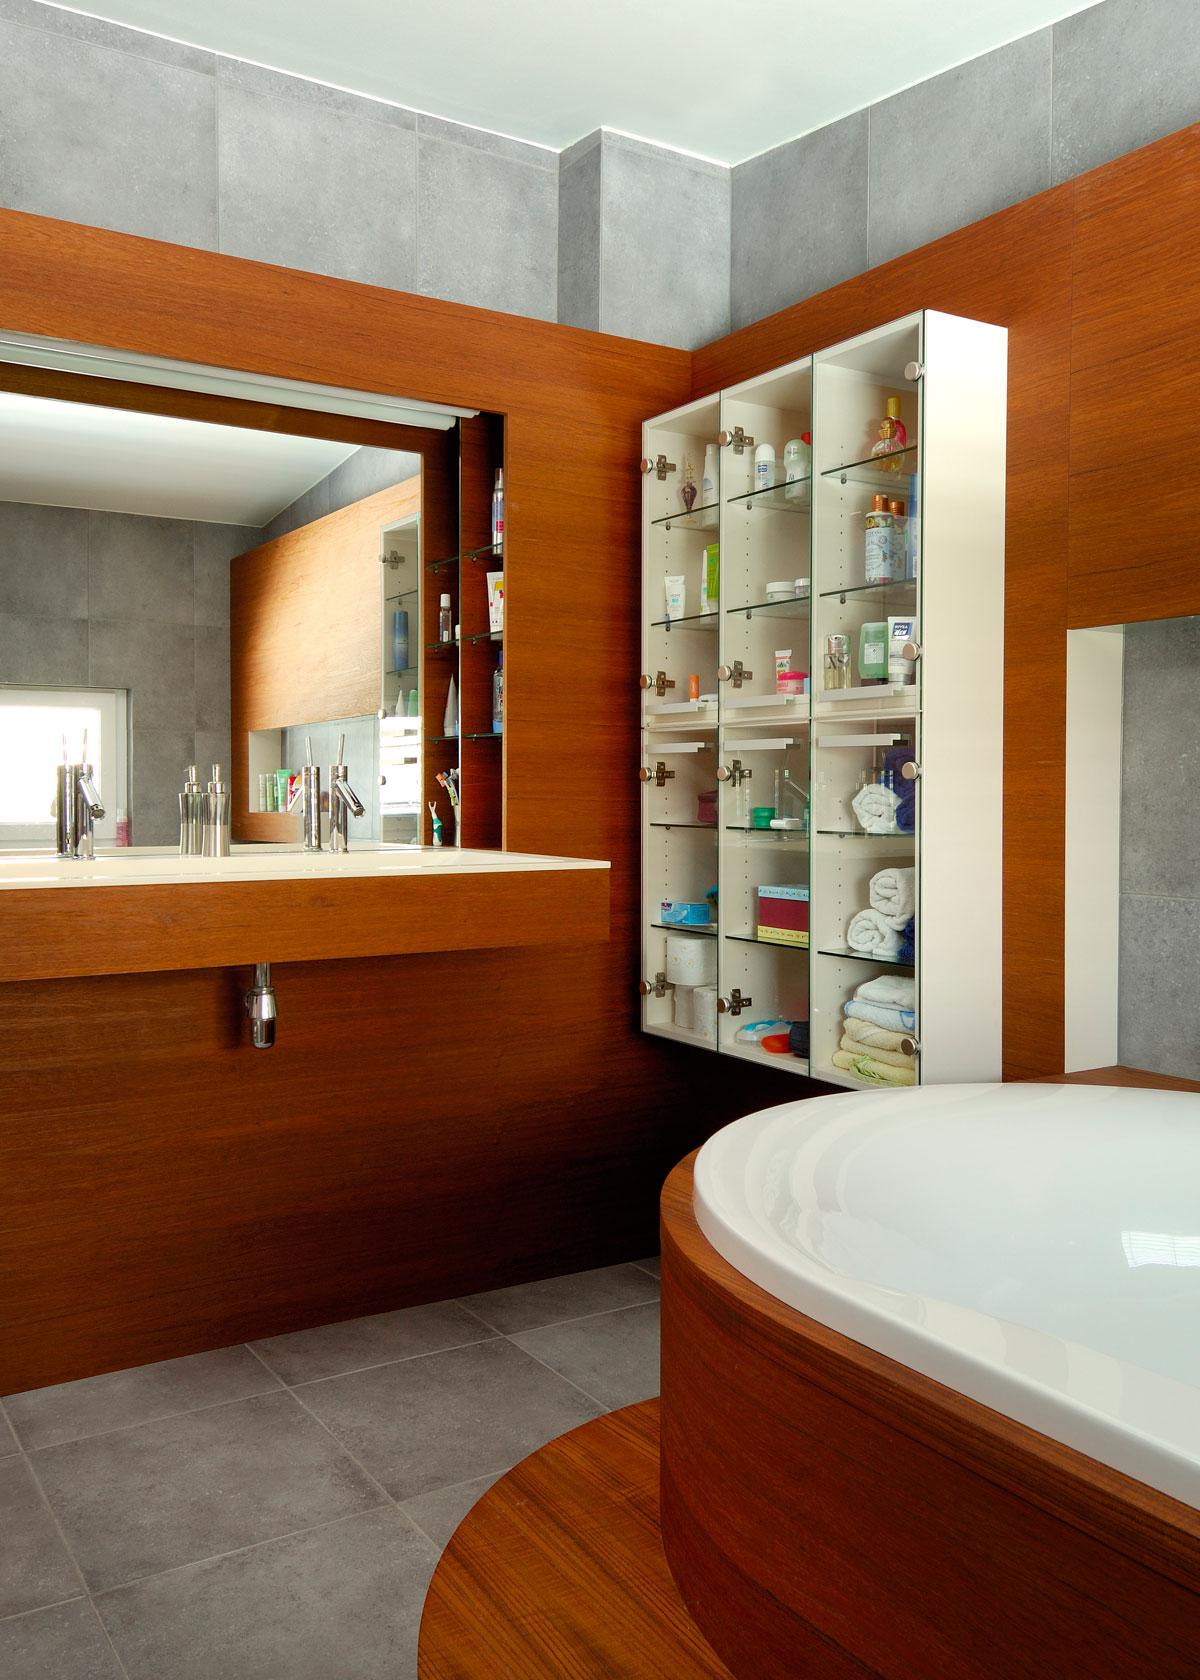 trendovska kopalnica (notranja oprema kopalnice) - izberi eno